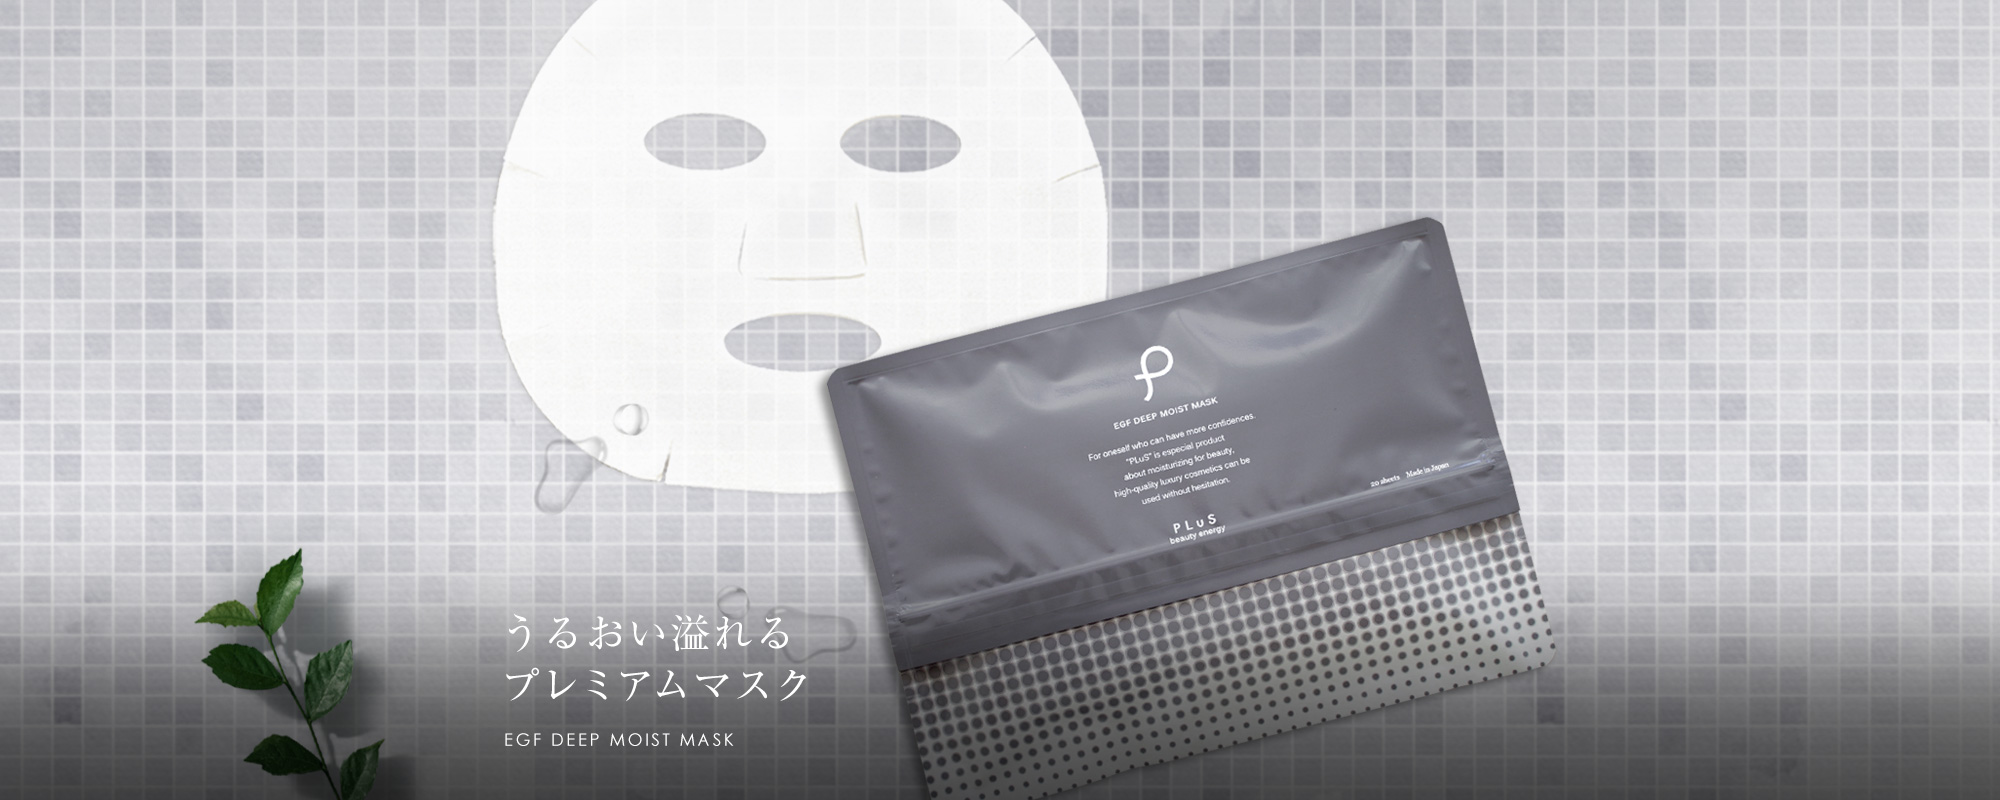 毎日うるおう・・・贅沢マスク!